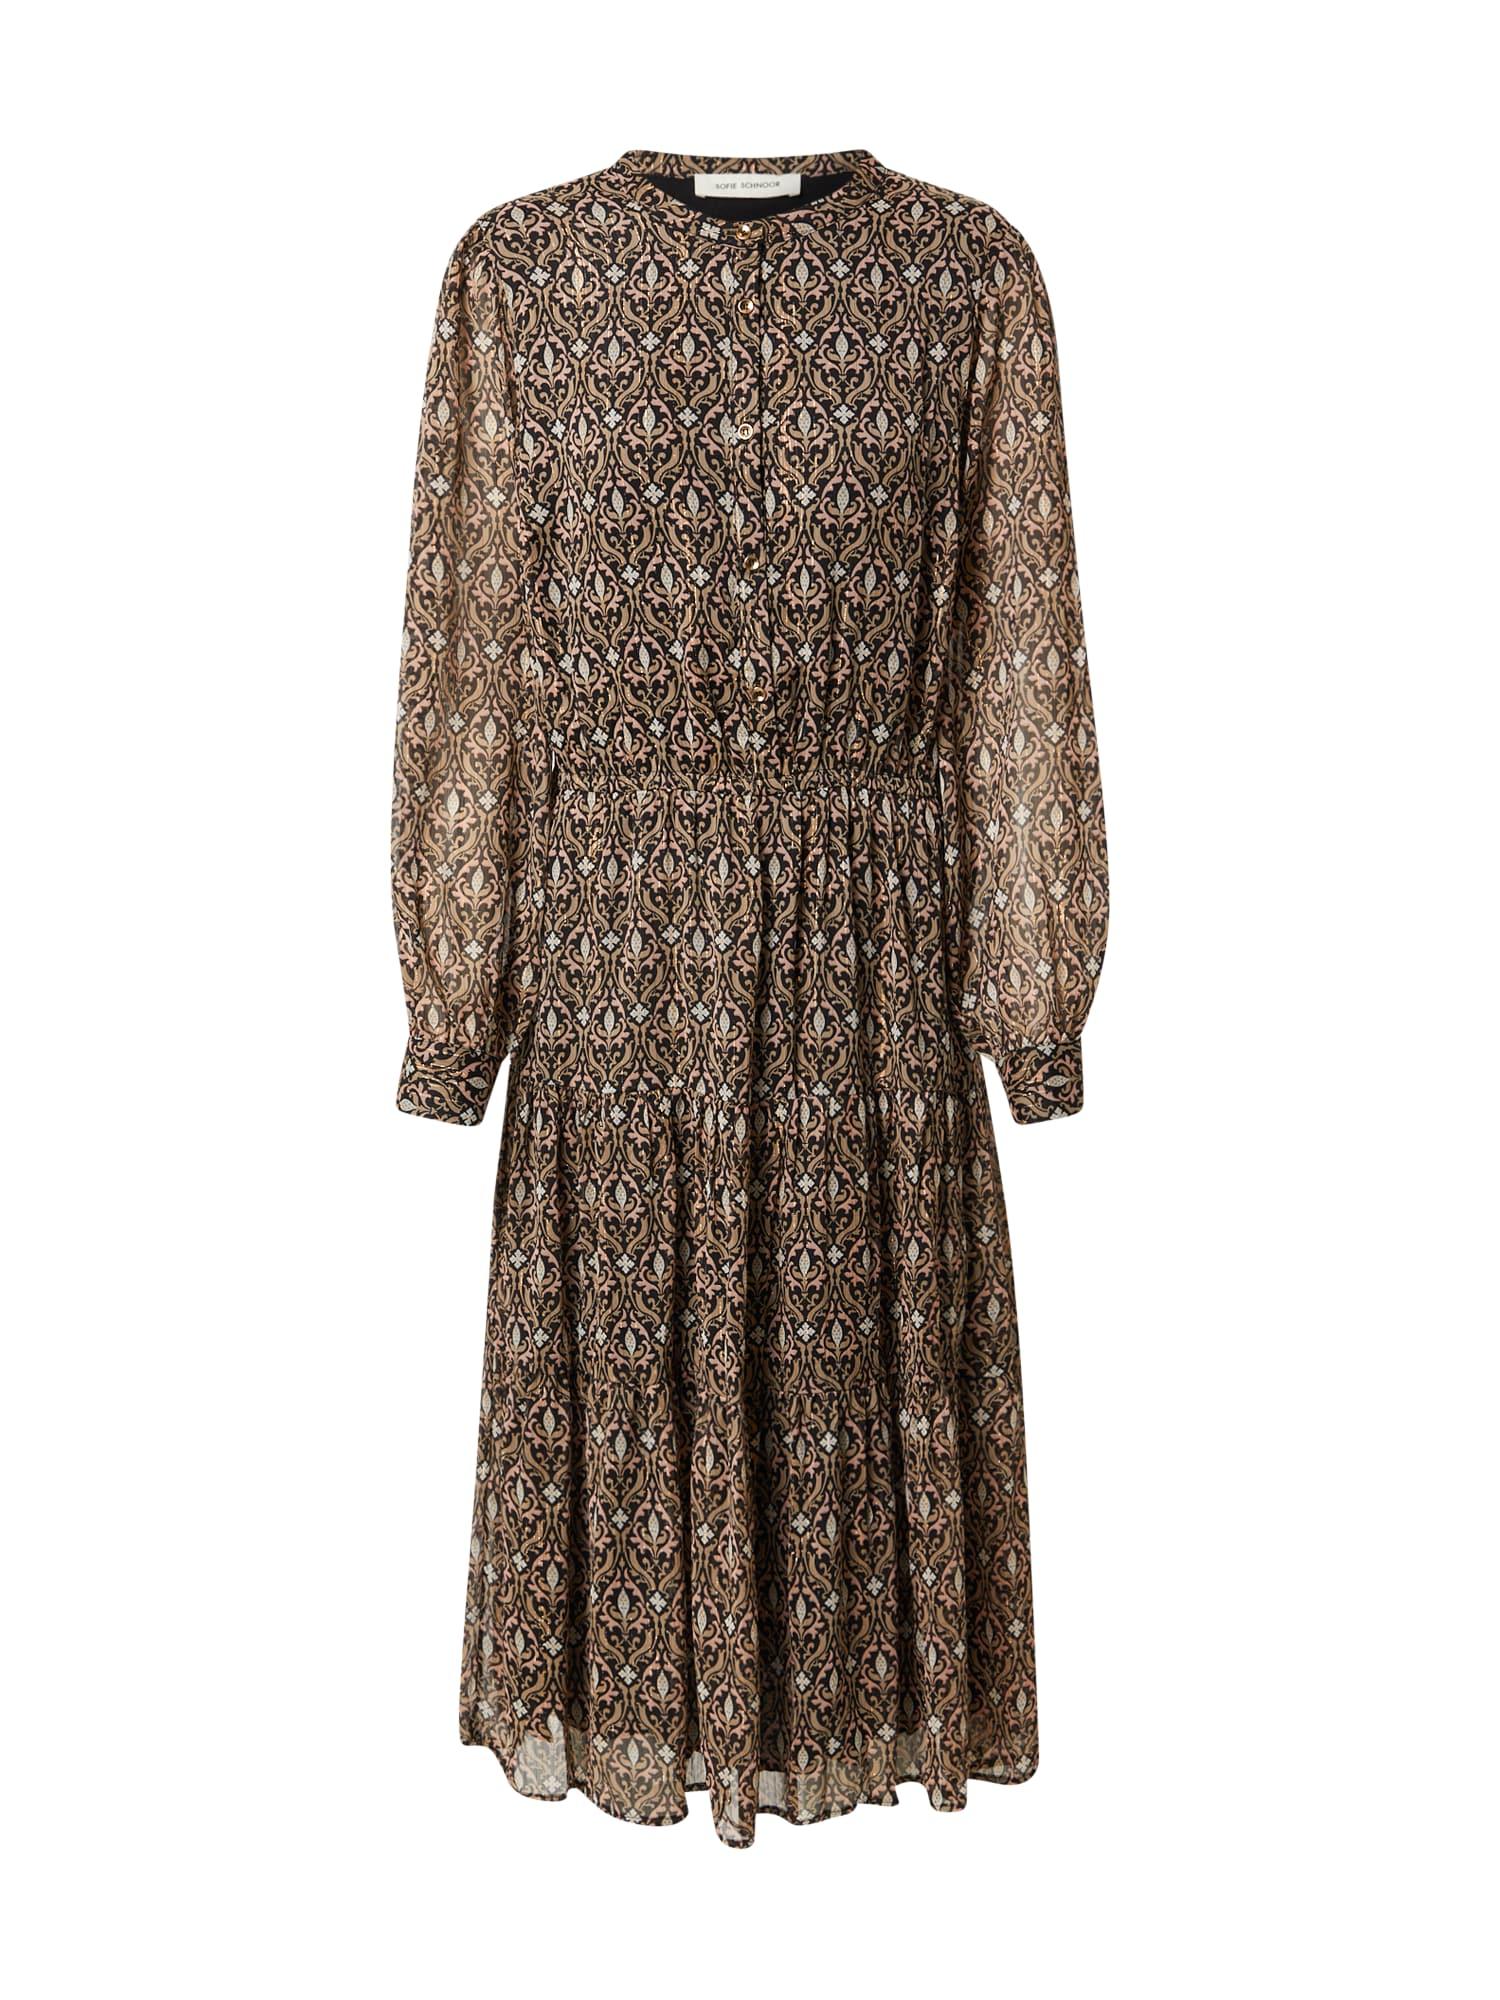 Sofie Schnoor Košilové šaty  černá / světle hnědá / bílá